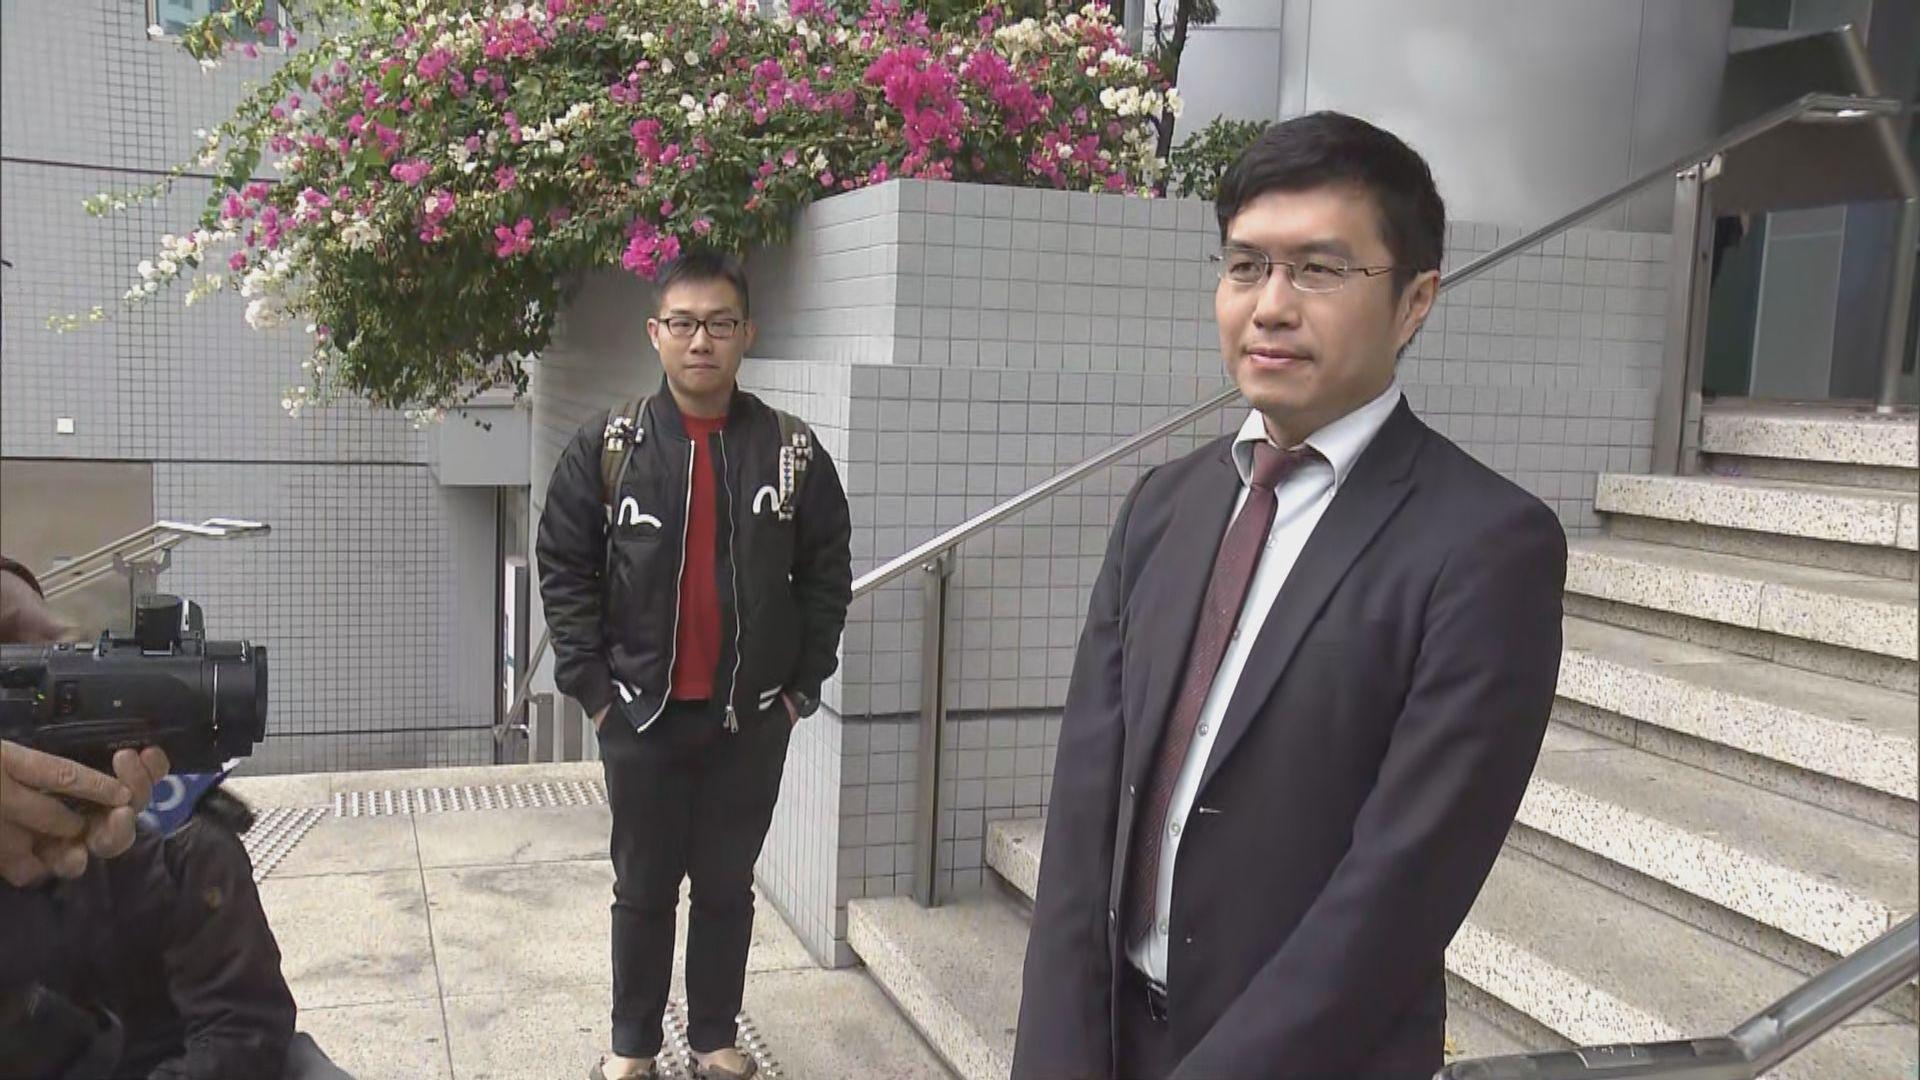 區諾軒以揚聲器襲警案開審 控方傳召三名警員作供